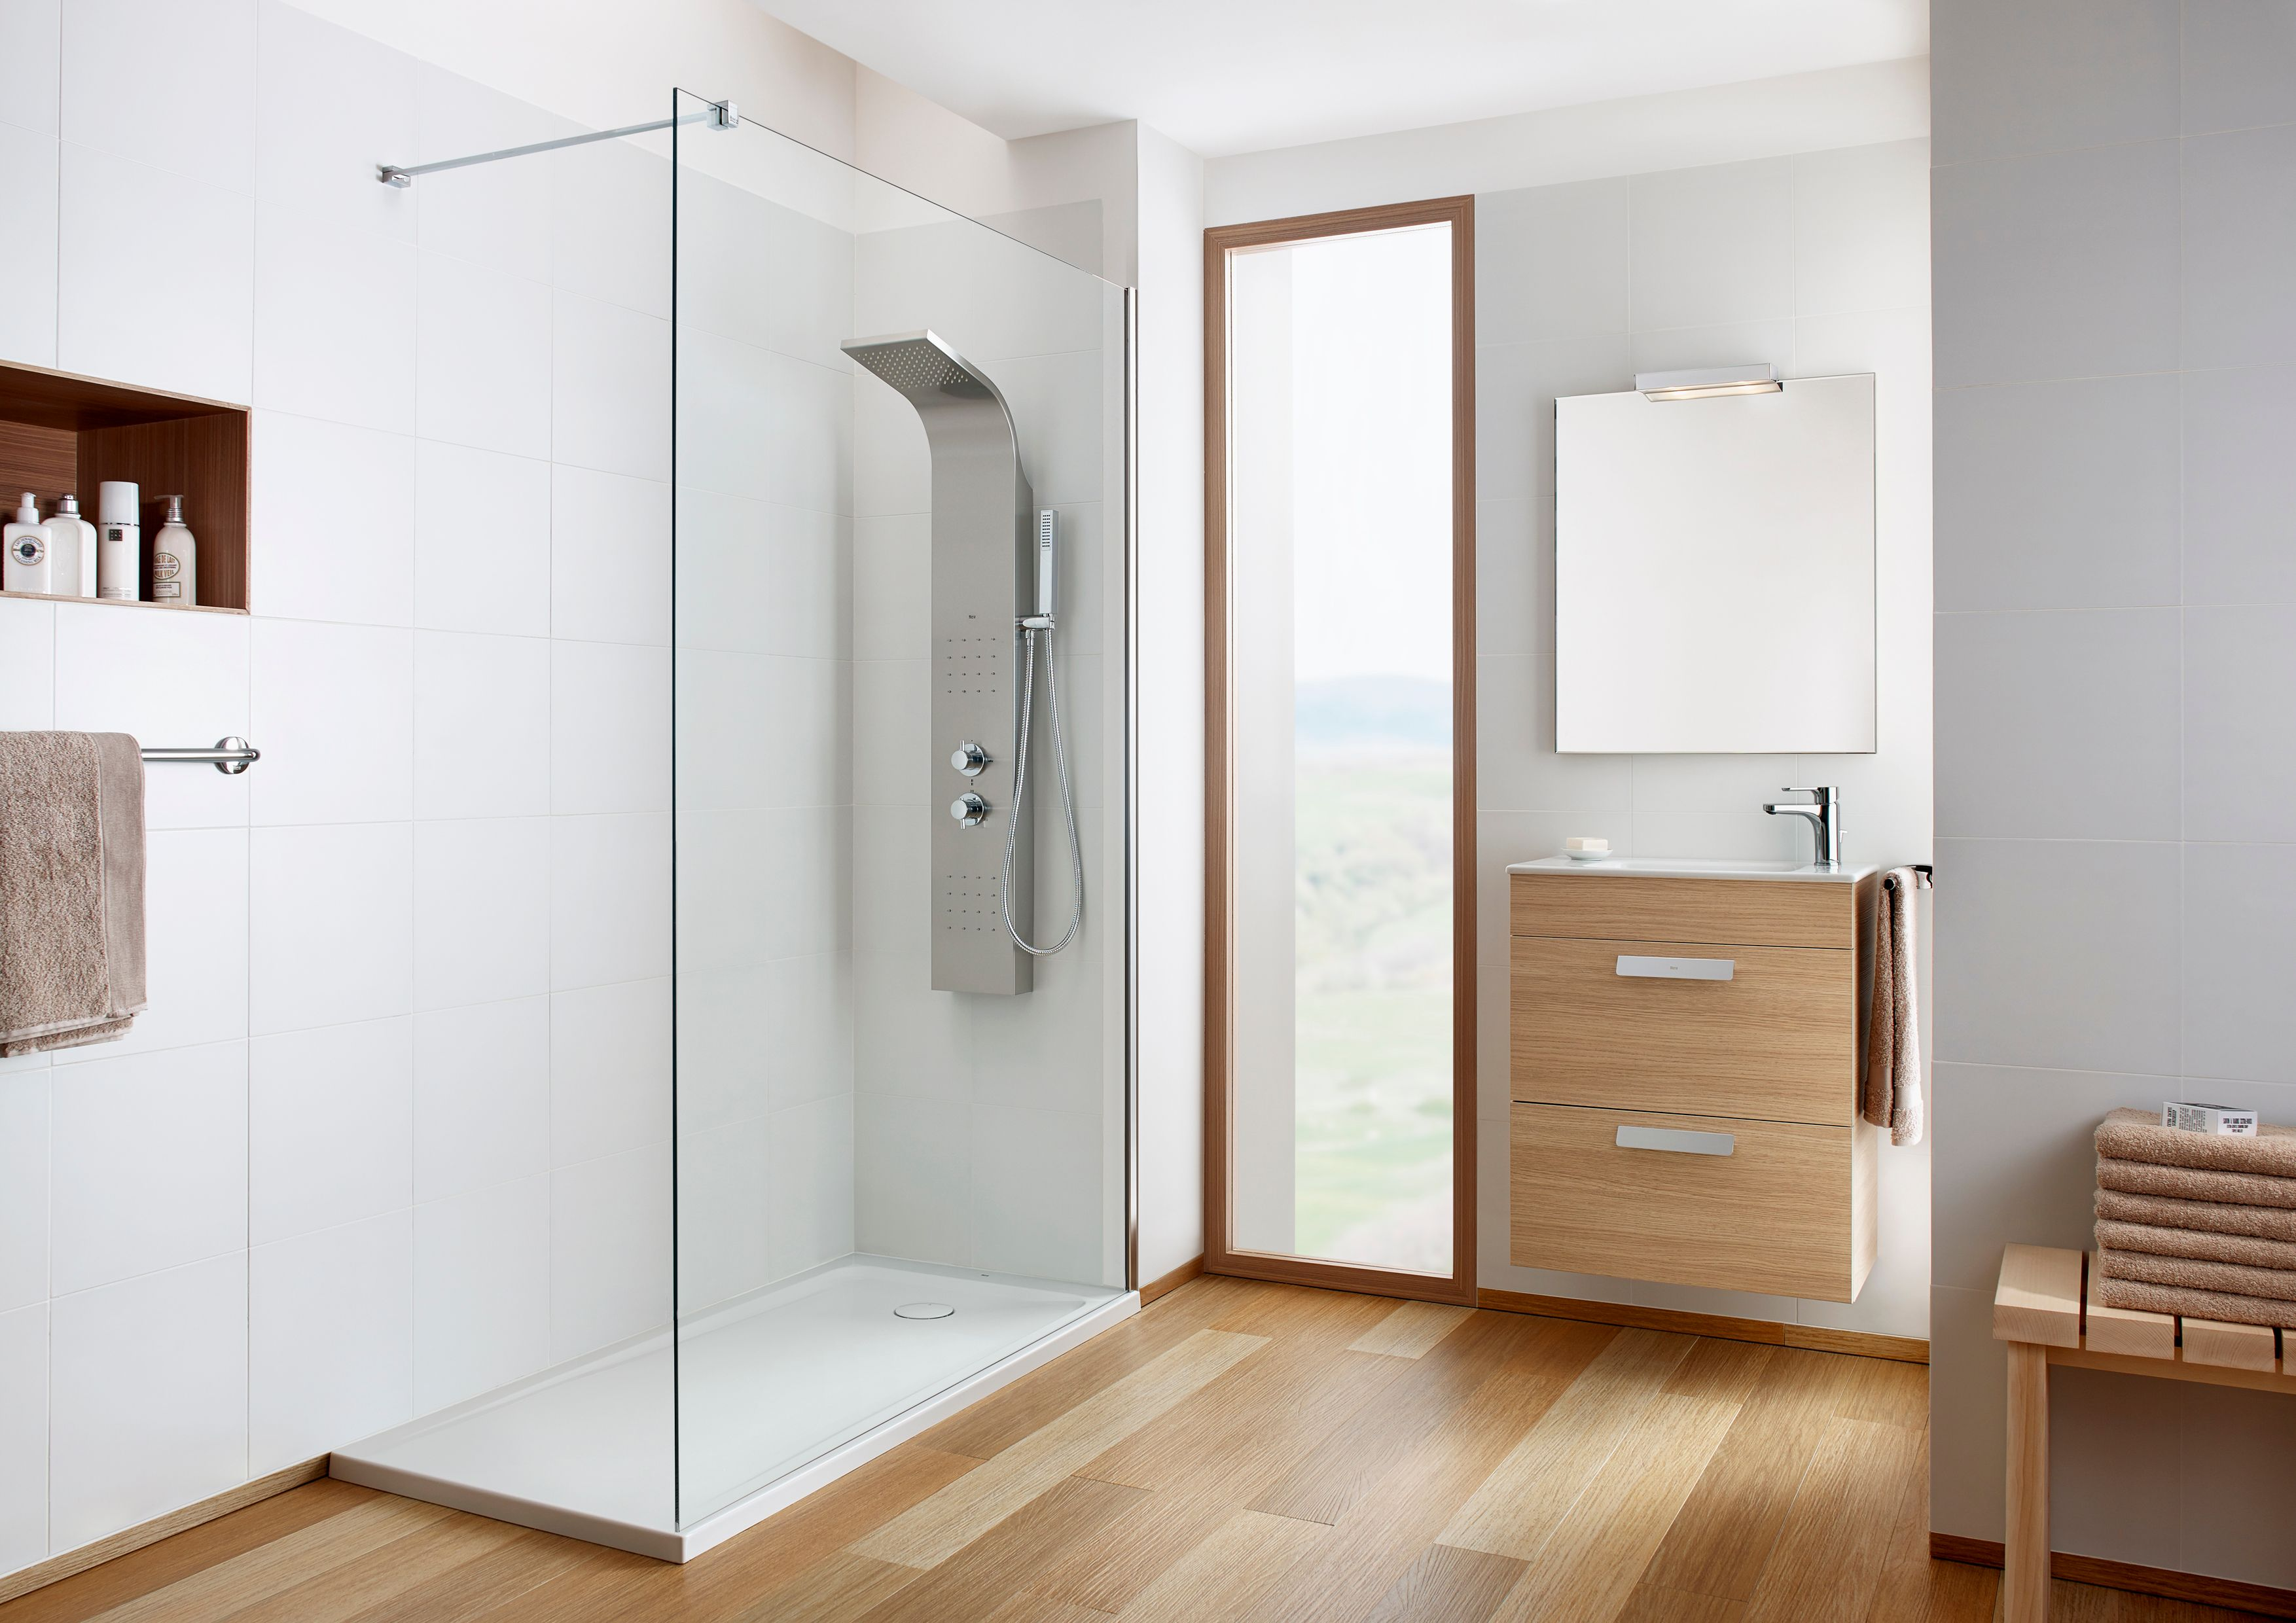 Mais do que um simples chuveiro, as colunas de hidromassagem tornam os banhos mais relaxantes.